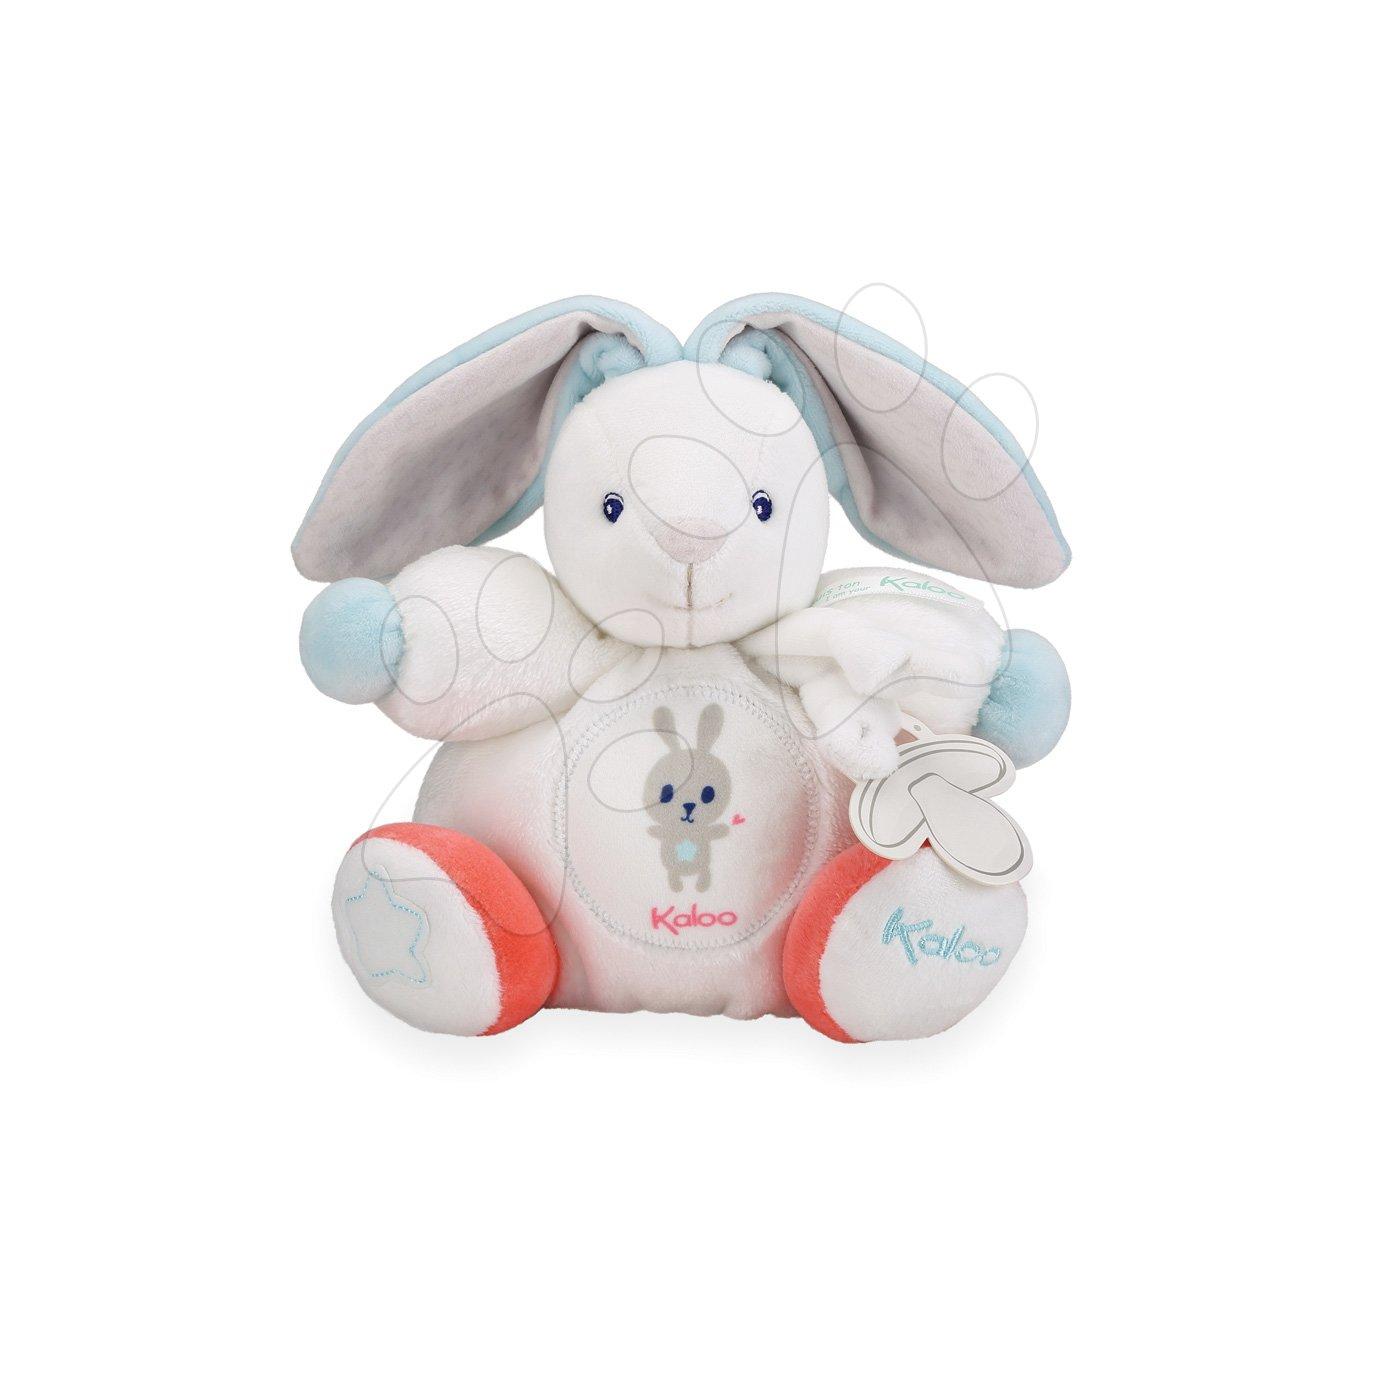 Plyšový zajac Imagine Chubby Kaloo svetielkujúci v darčekovom balení 18 cm biely